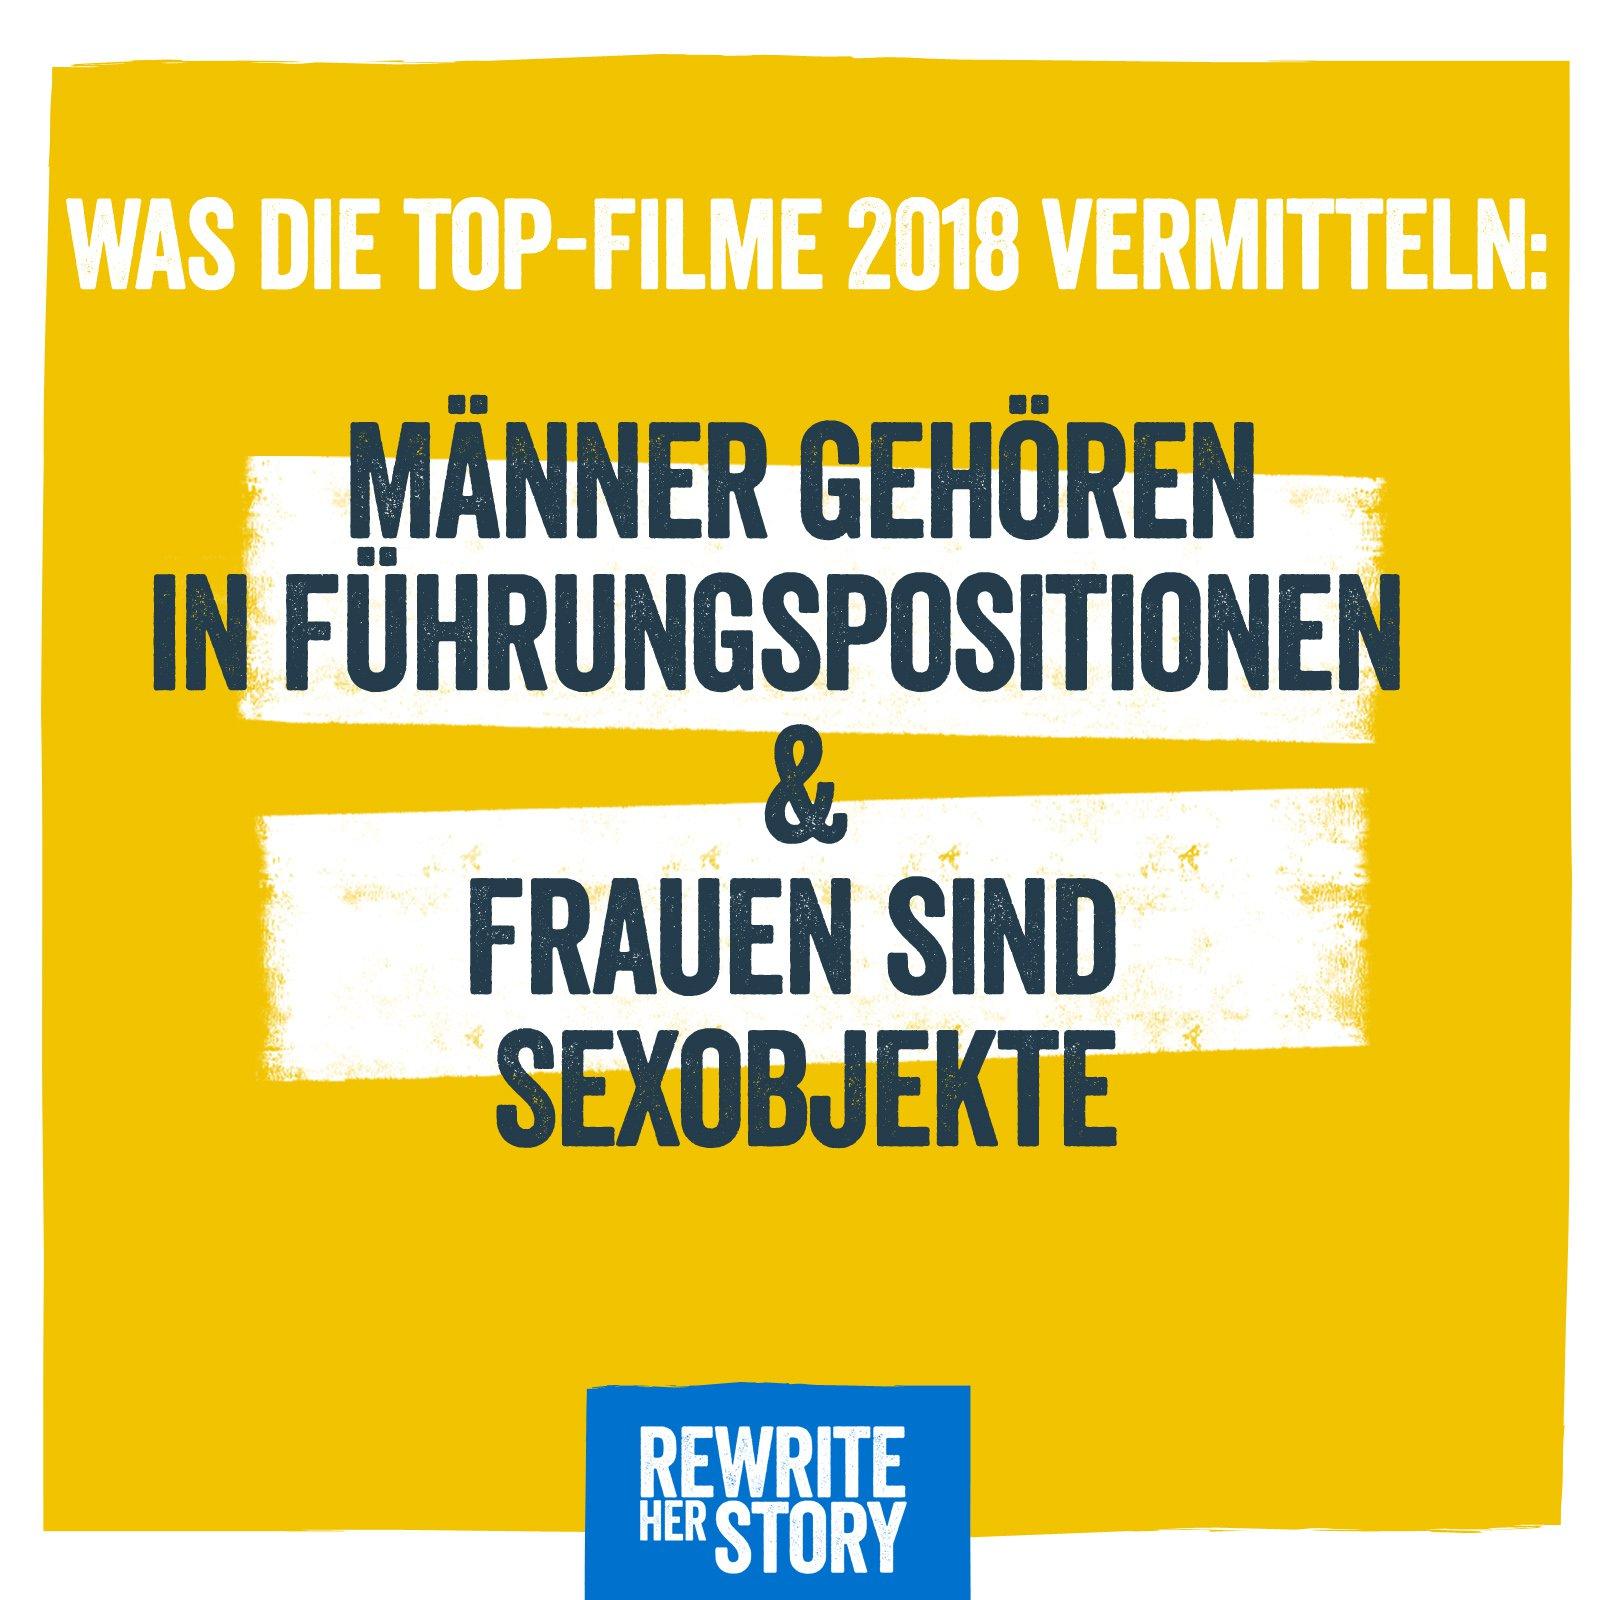 Sexobjekte_rewriteherstory_frauen-in-filmen-gleichberechtigung-weltmaedchentag..jpg